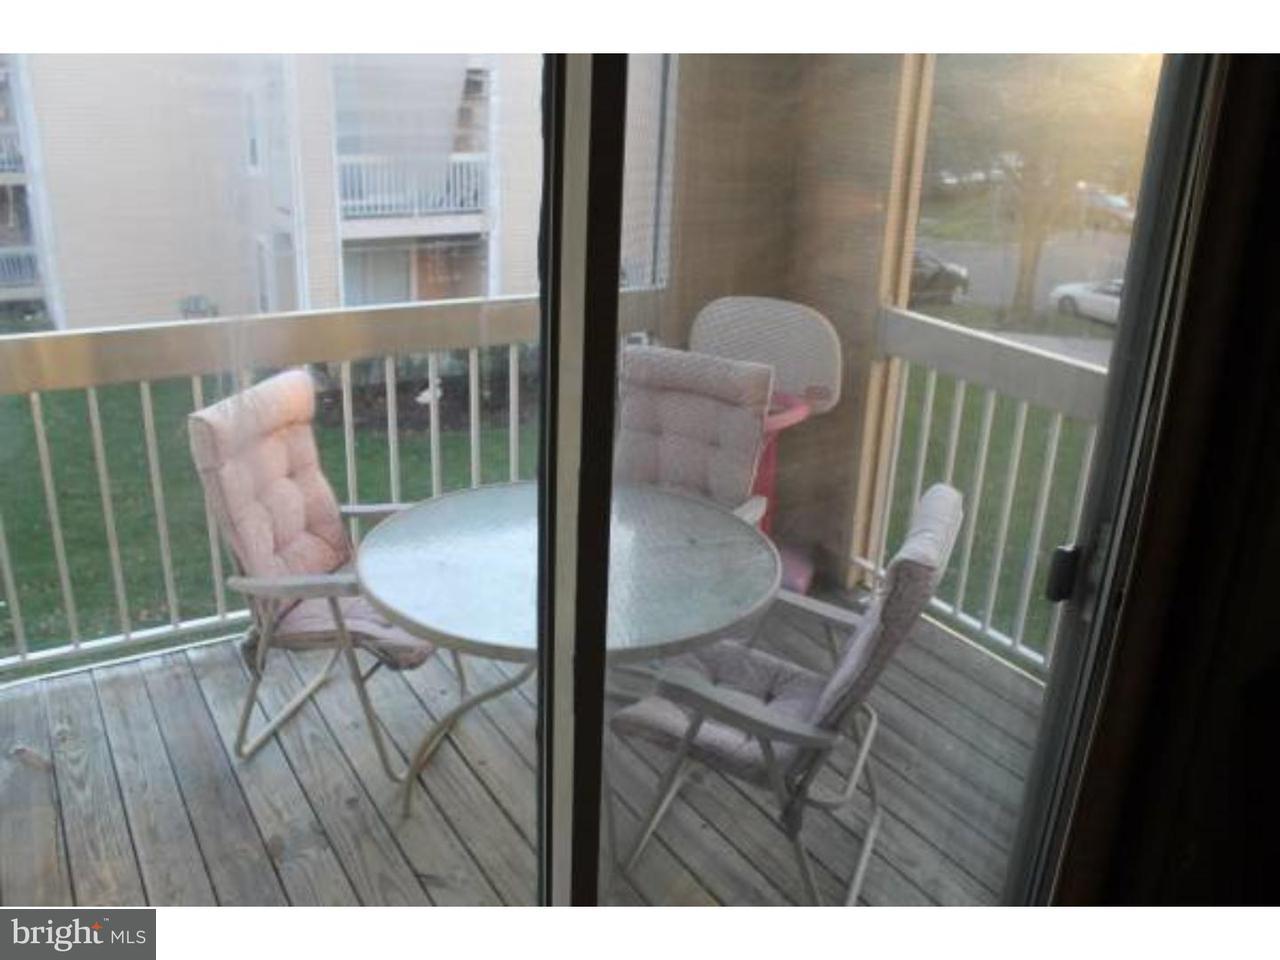 Casa Unifamiliar por un Alquiler en 479 SILVIA Street Ewing, Nueva Jersey 08628 Estados UnidosEn/Alrededor: Ewing Township